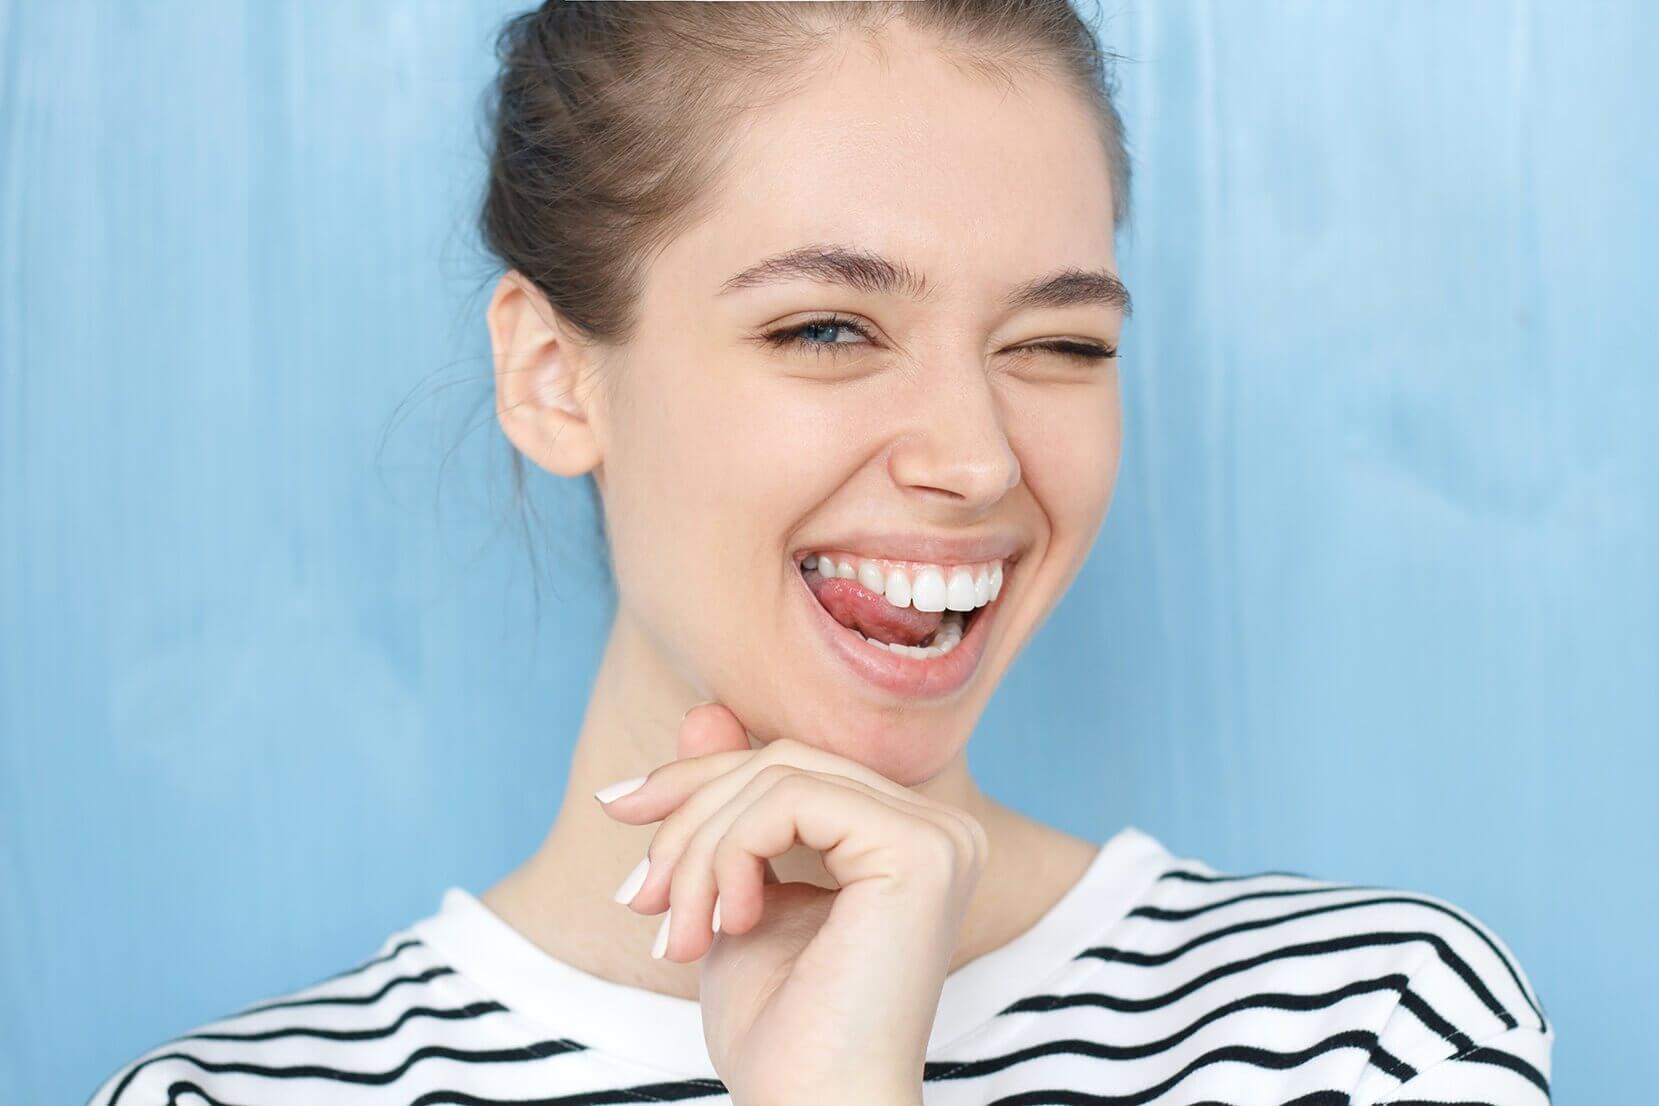 Ortodoncja to tylko estetyka czy coś więcej?